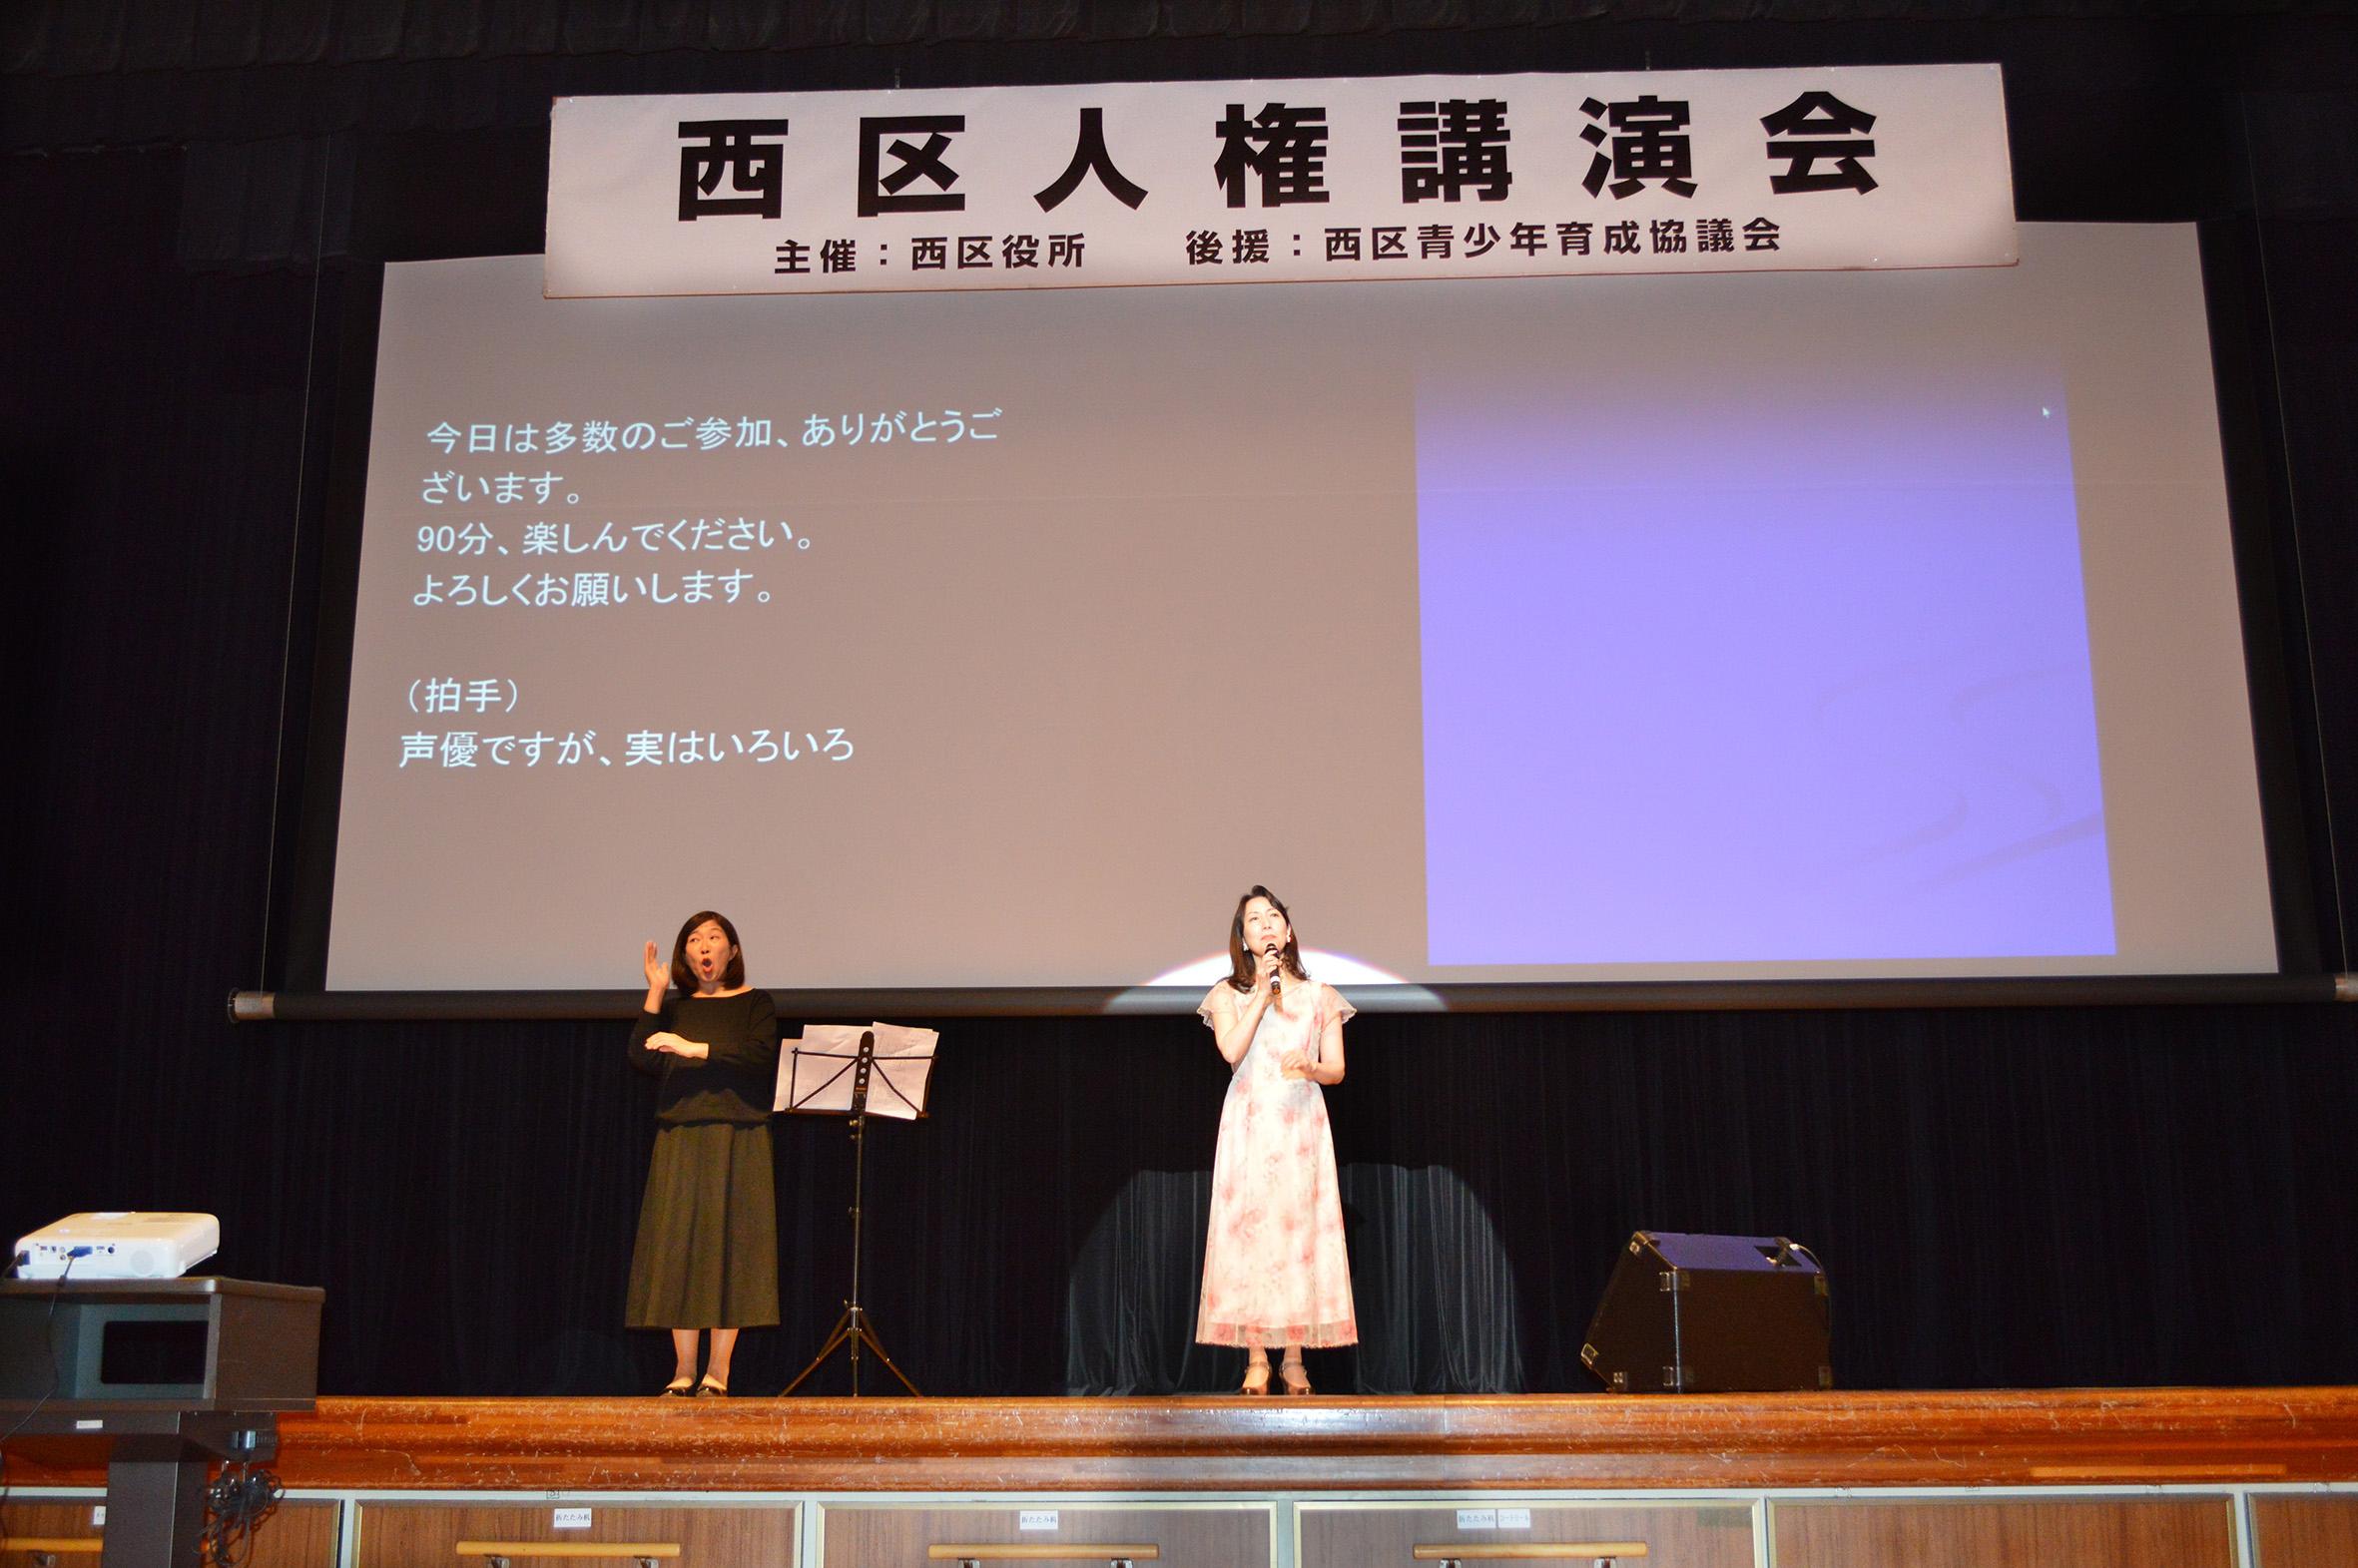 記事 〈西区人権講演会〉~「思いやる心」を考える〜のアイキャッチ画像